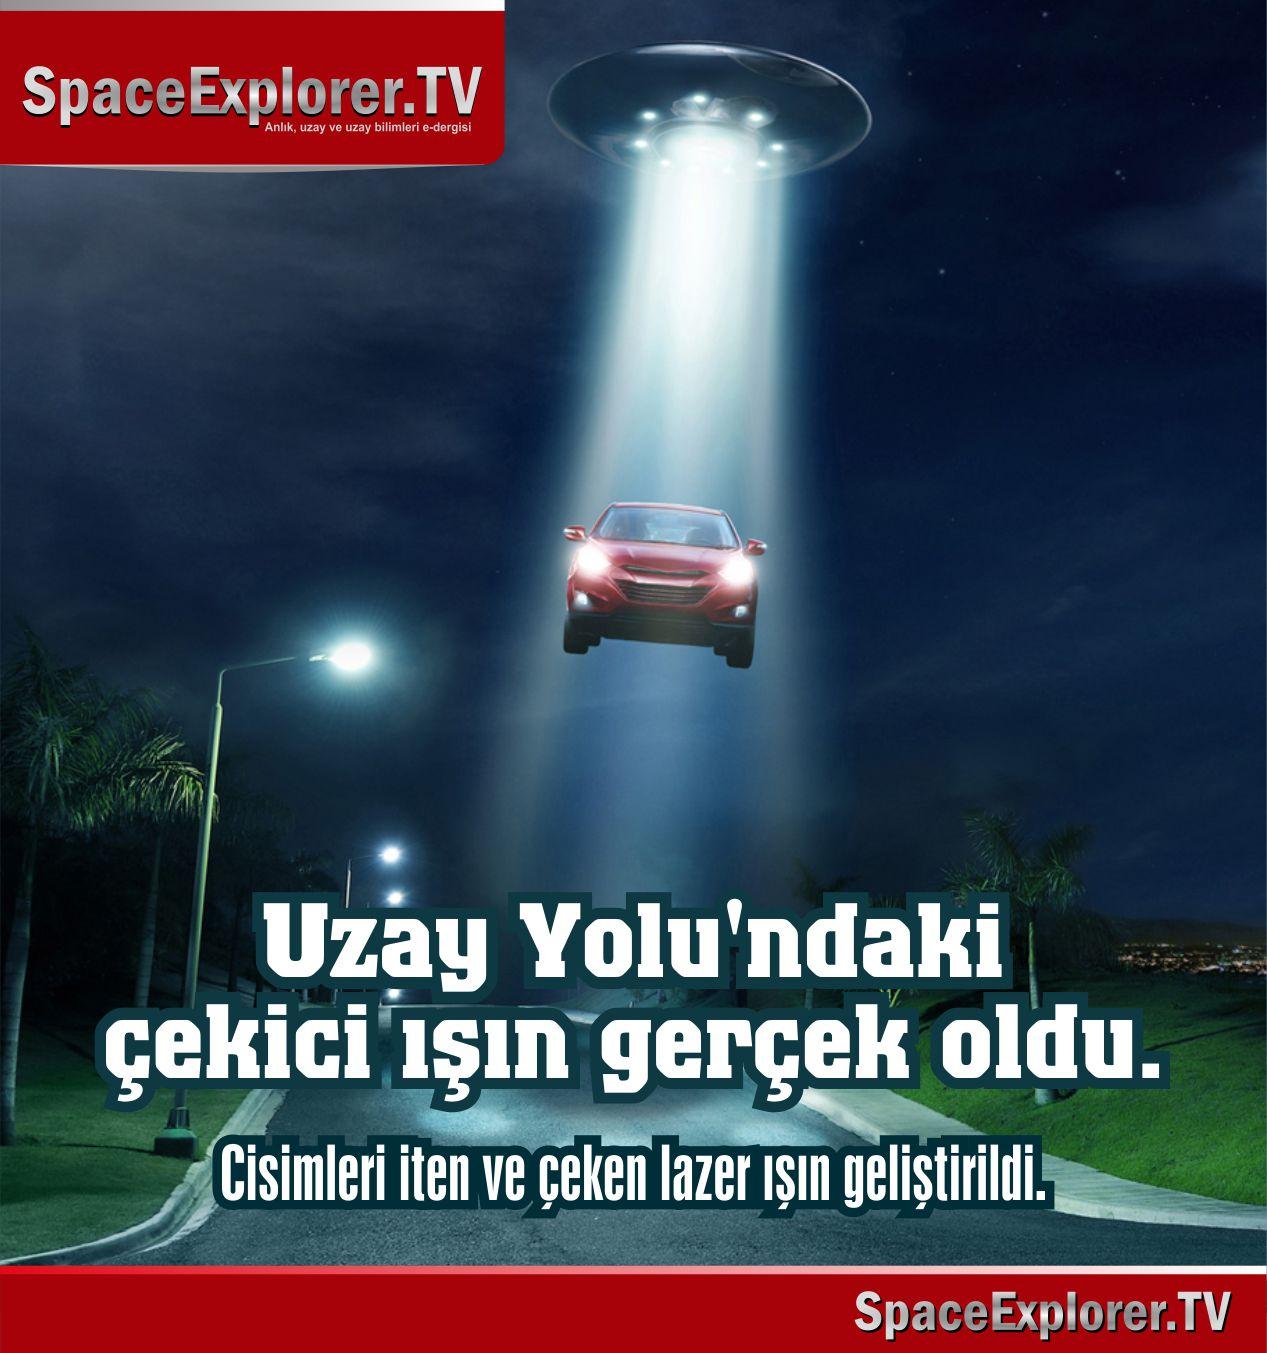 UFO, dünya dışı teknoloji, Uzay çağı teknolojileri, UFO'larda kullanılan teknolojiler, Lazer, Fizik, Elektromanyetik savaş,